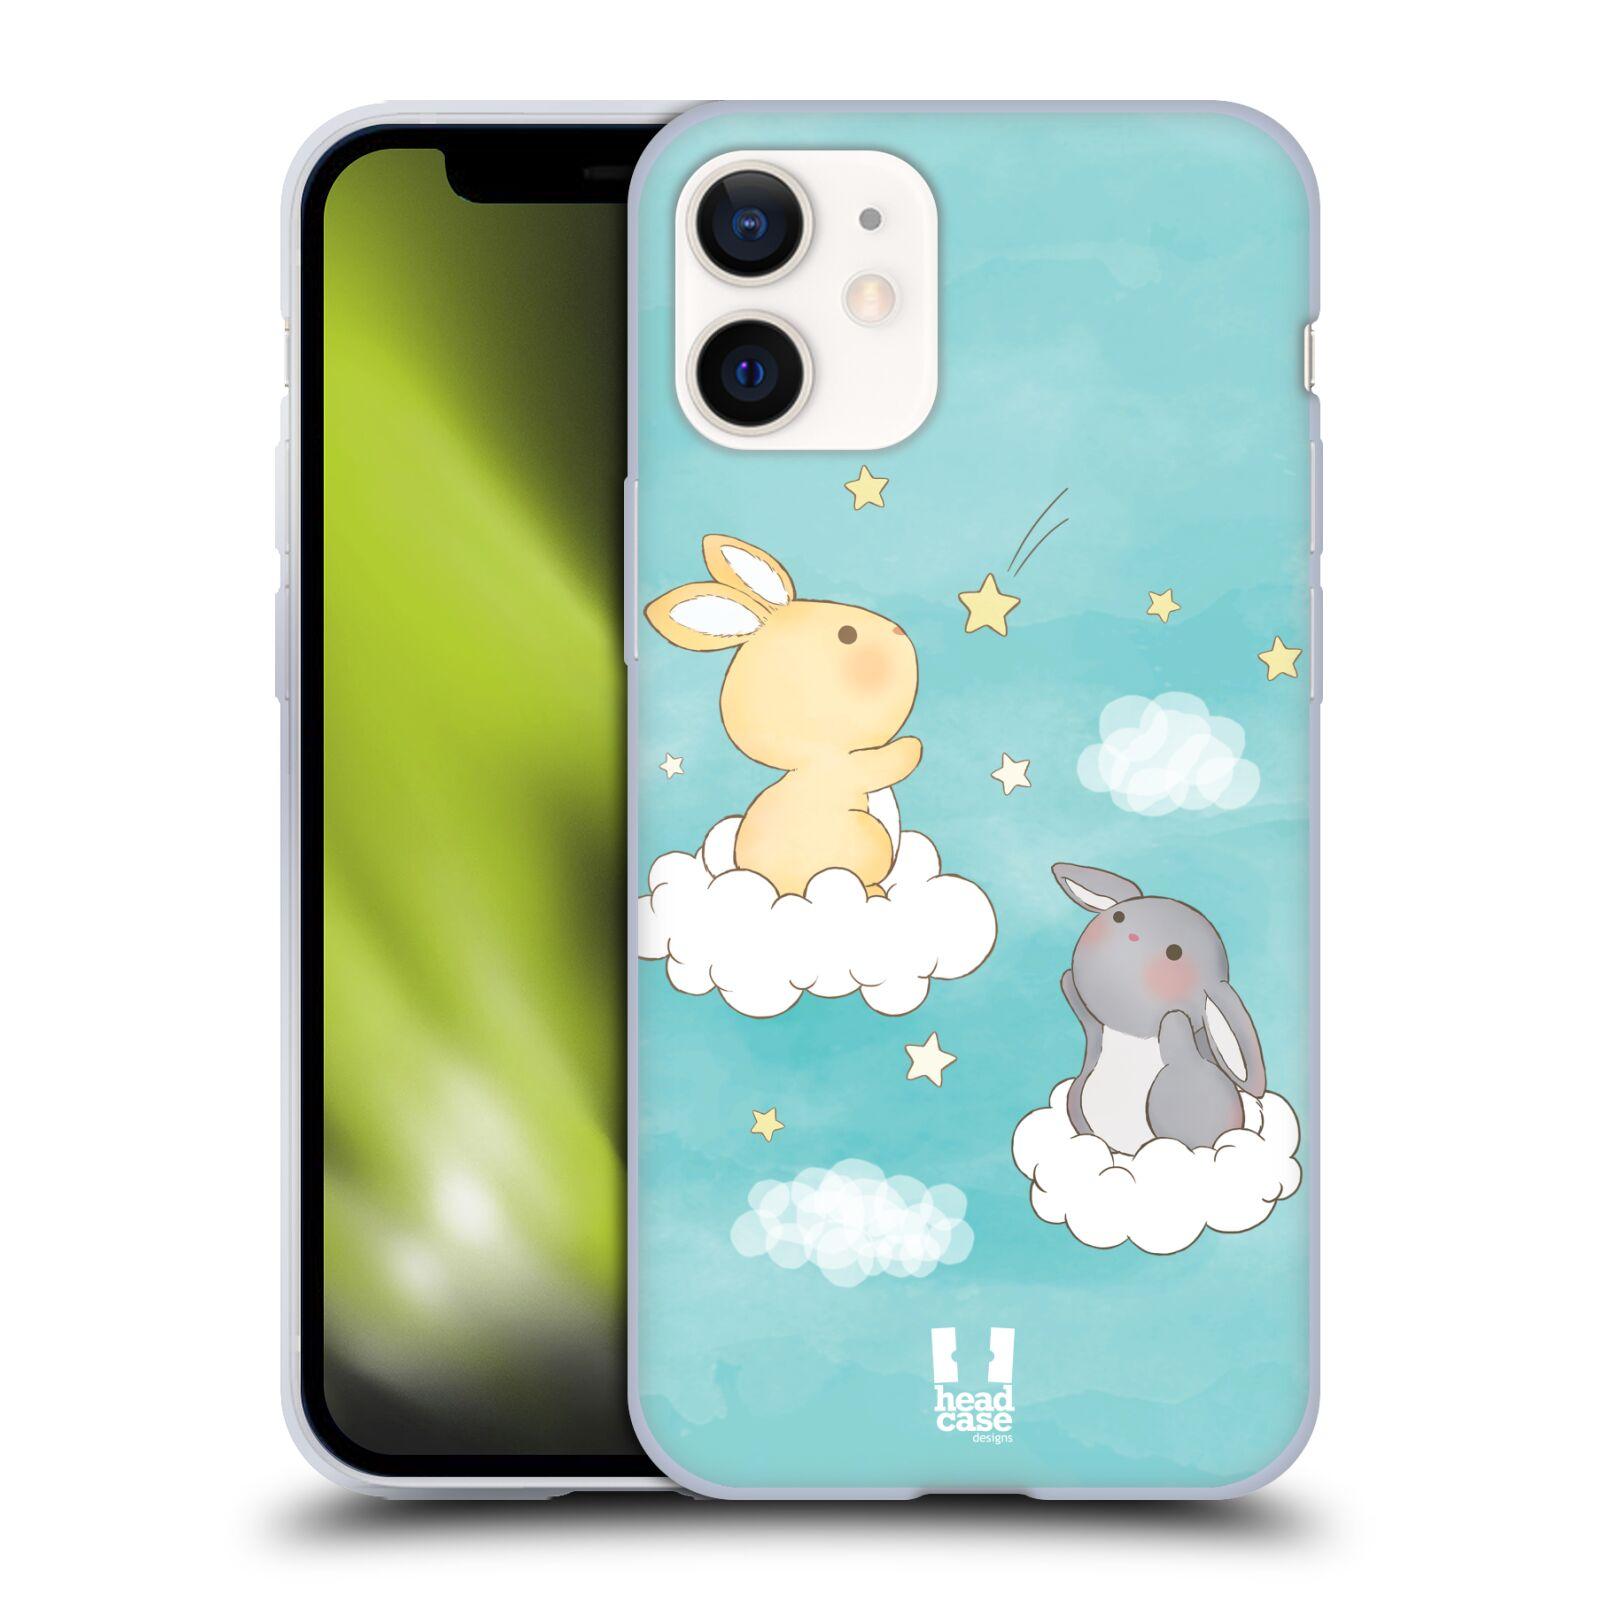 Plastový obal na mobil Apple Iphone 12 MINI vzor králíček a hvězdy modrá